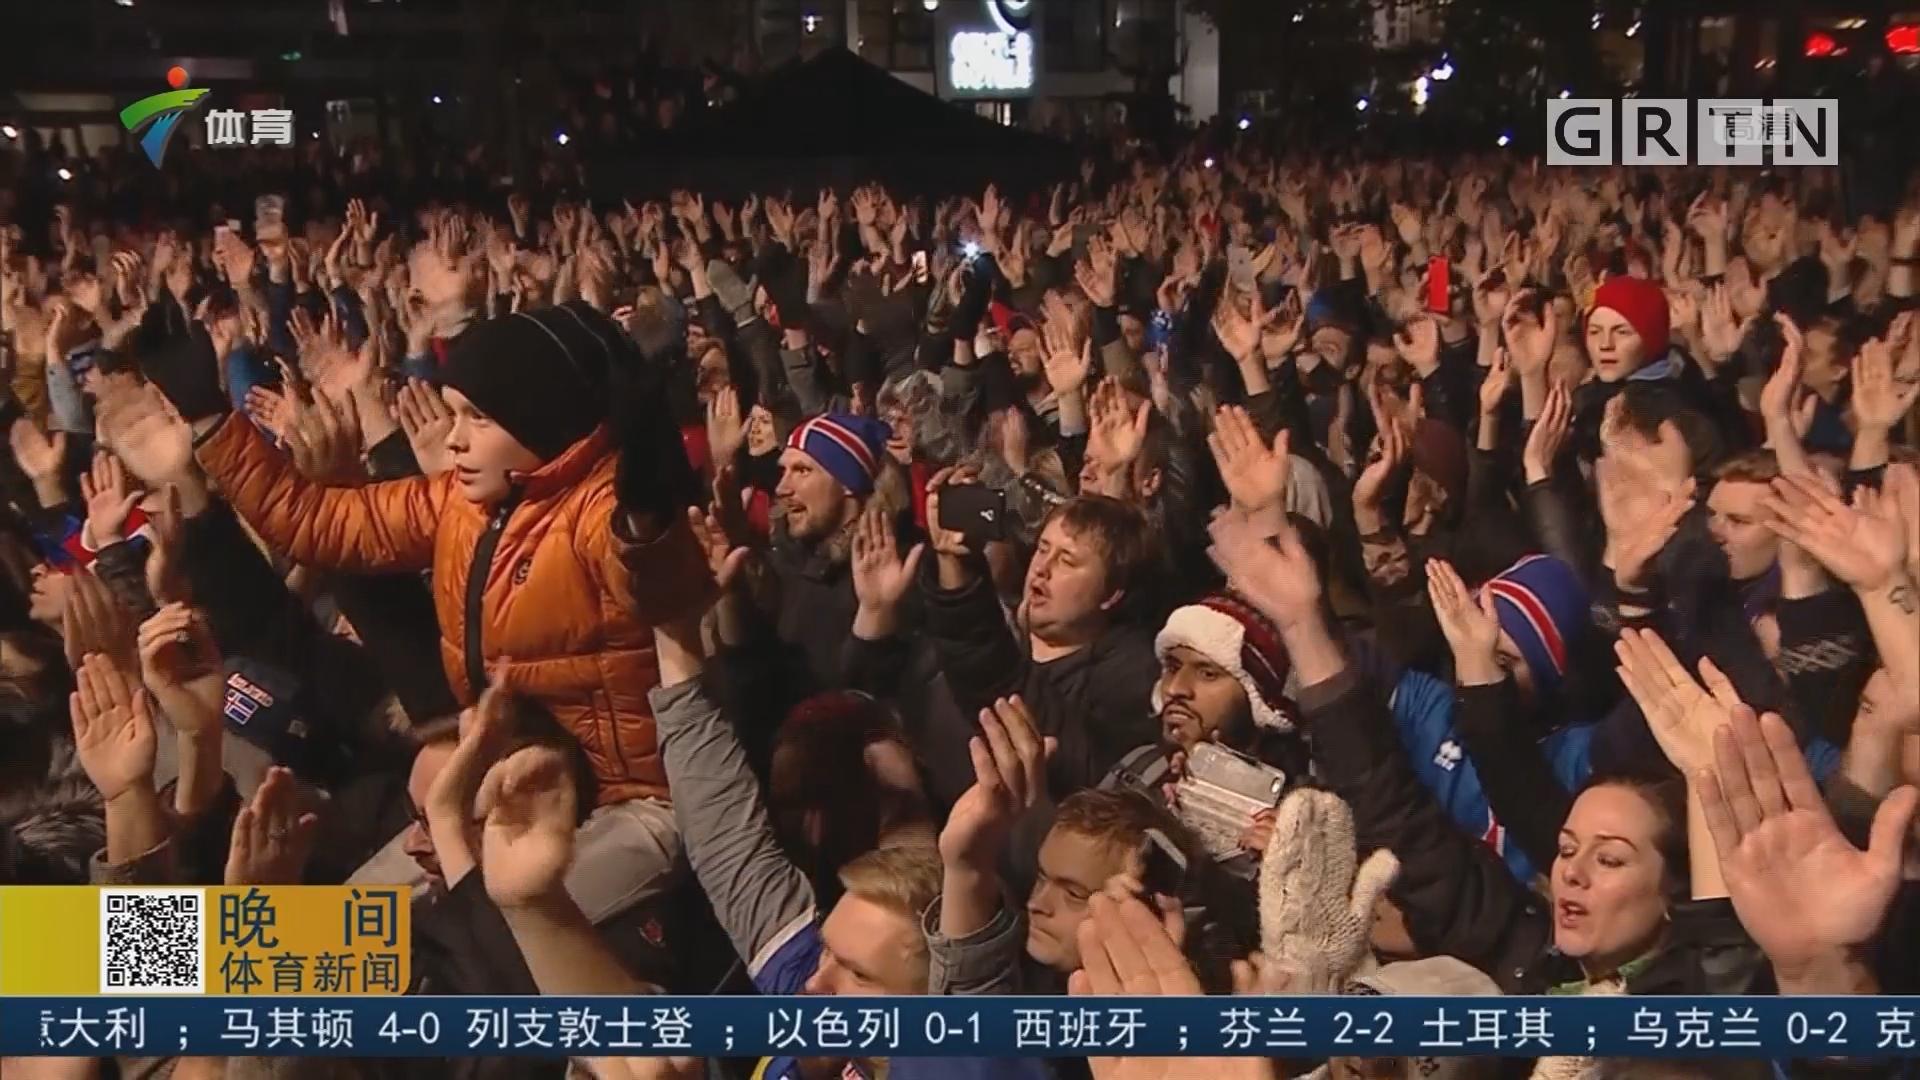 冰岛球员球迷疯狂庆祝 维京战吼响彻夜空